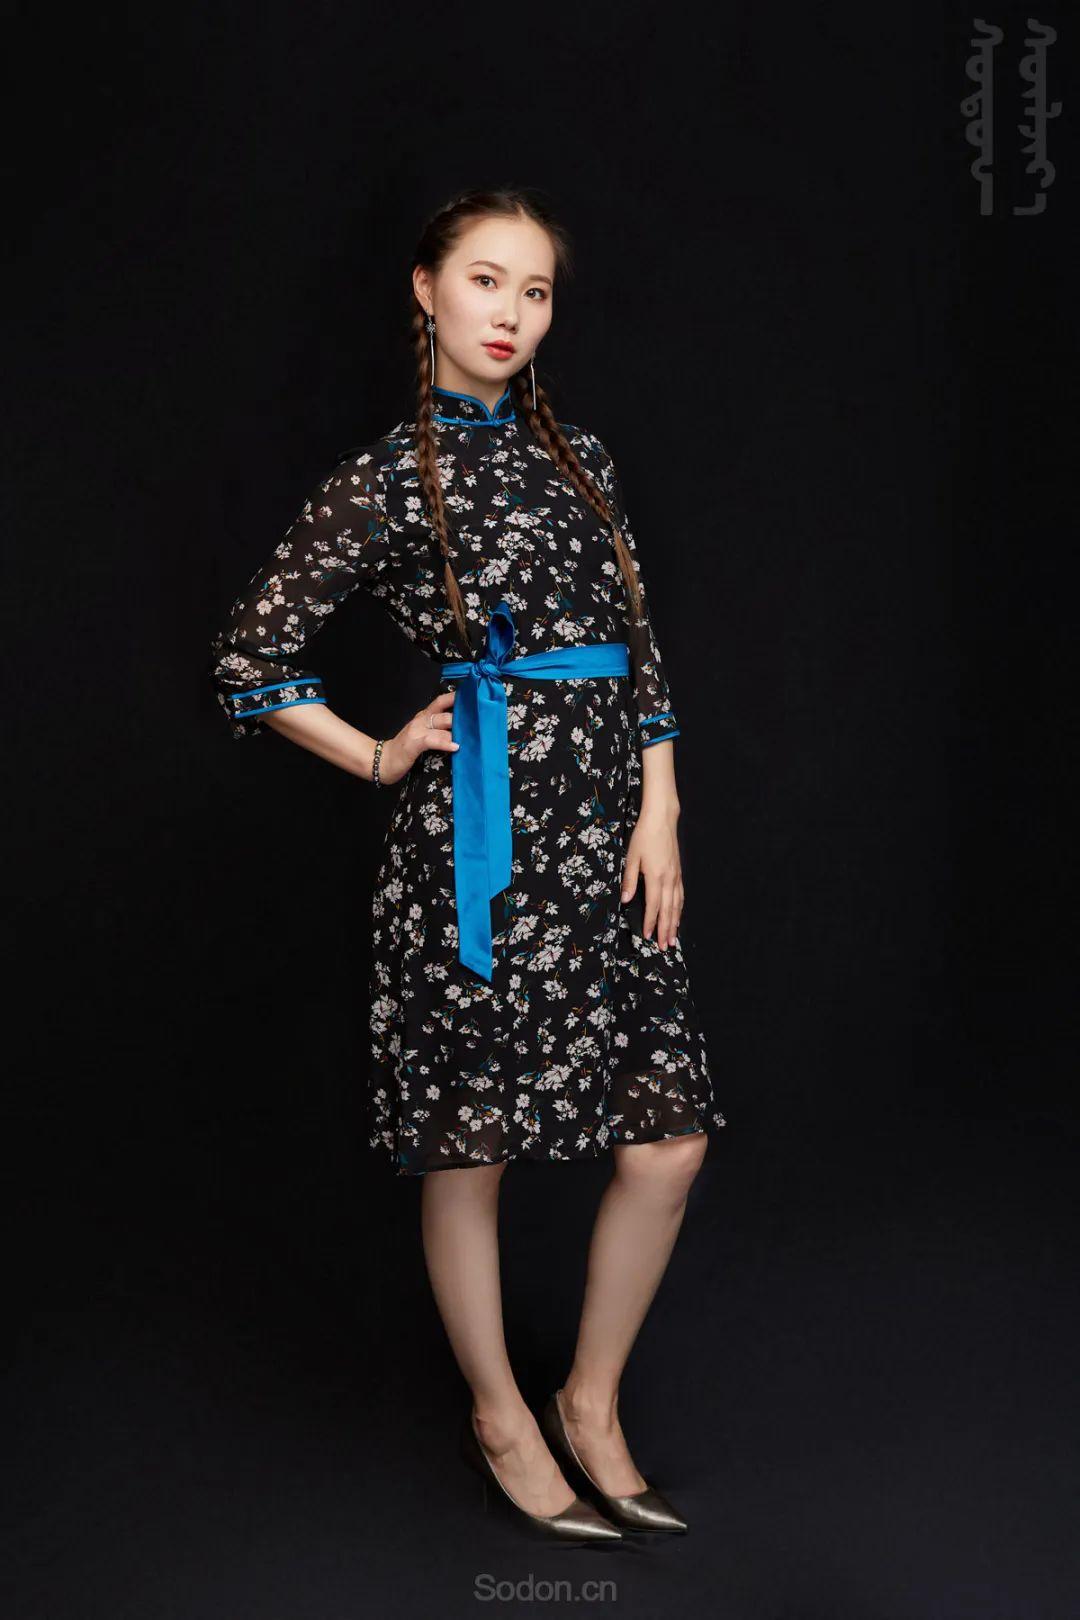 DOMOG蒙古时装2020新款夏季连衣裙首发,618钜惠七折! 第1张